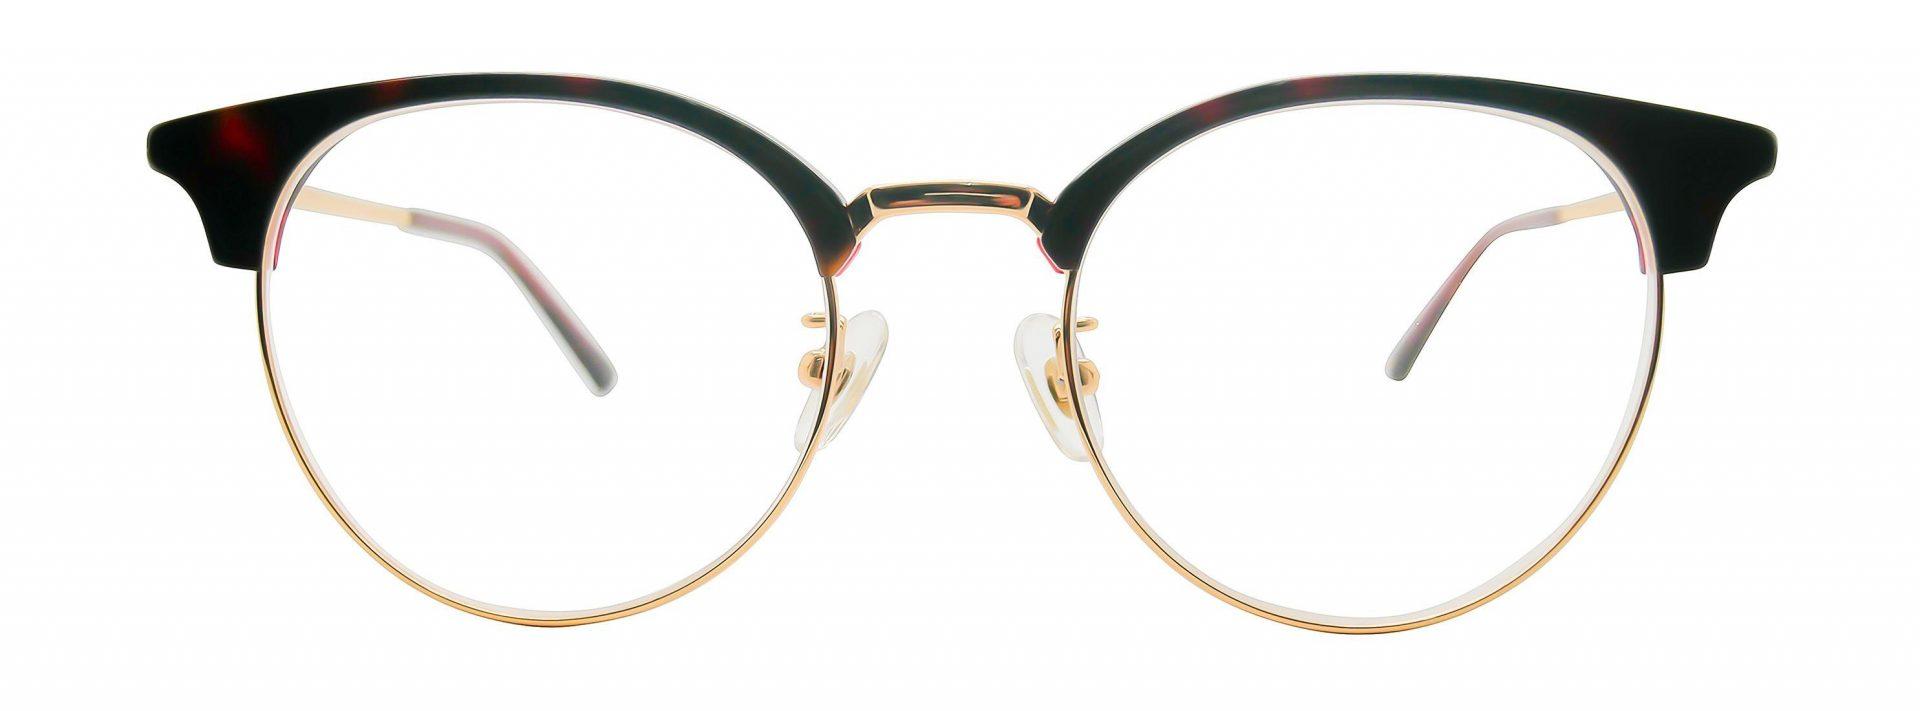 Elle Spectacles 14408 01